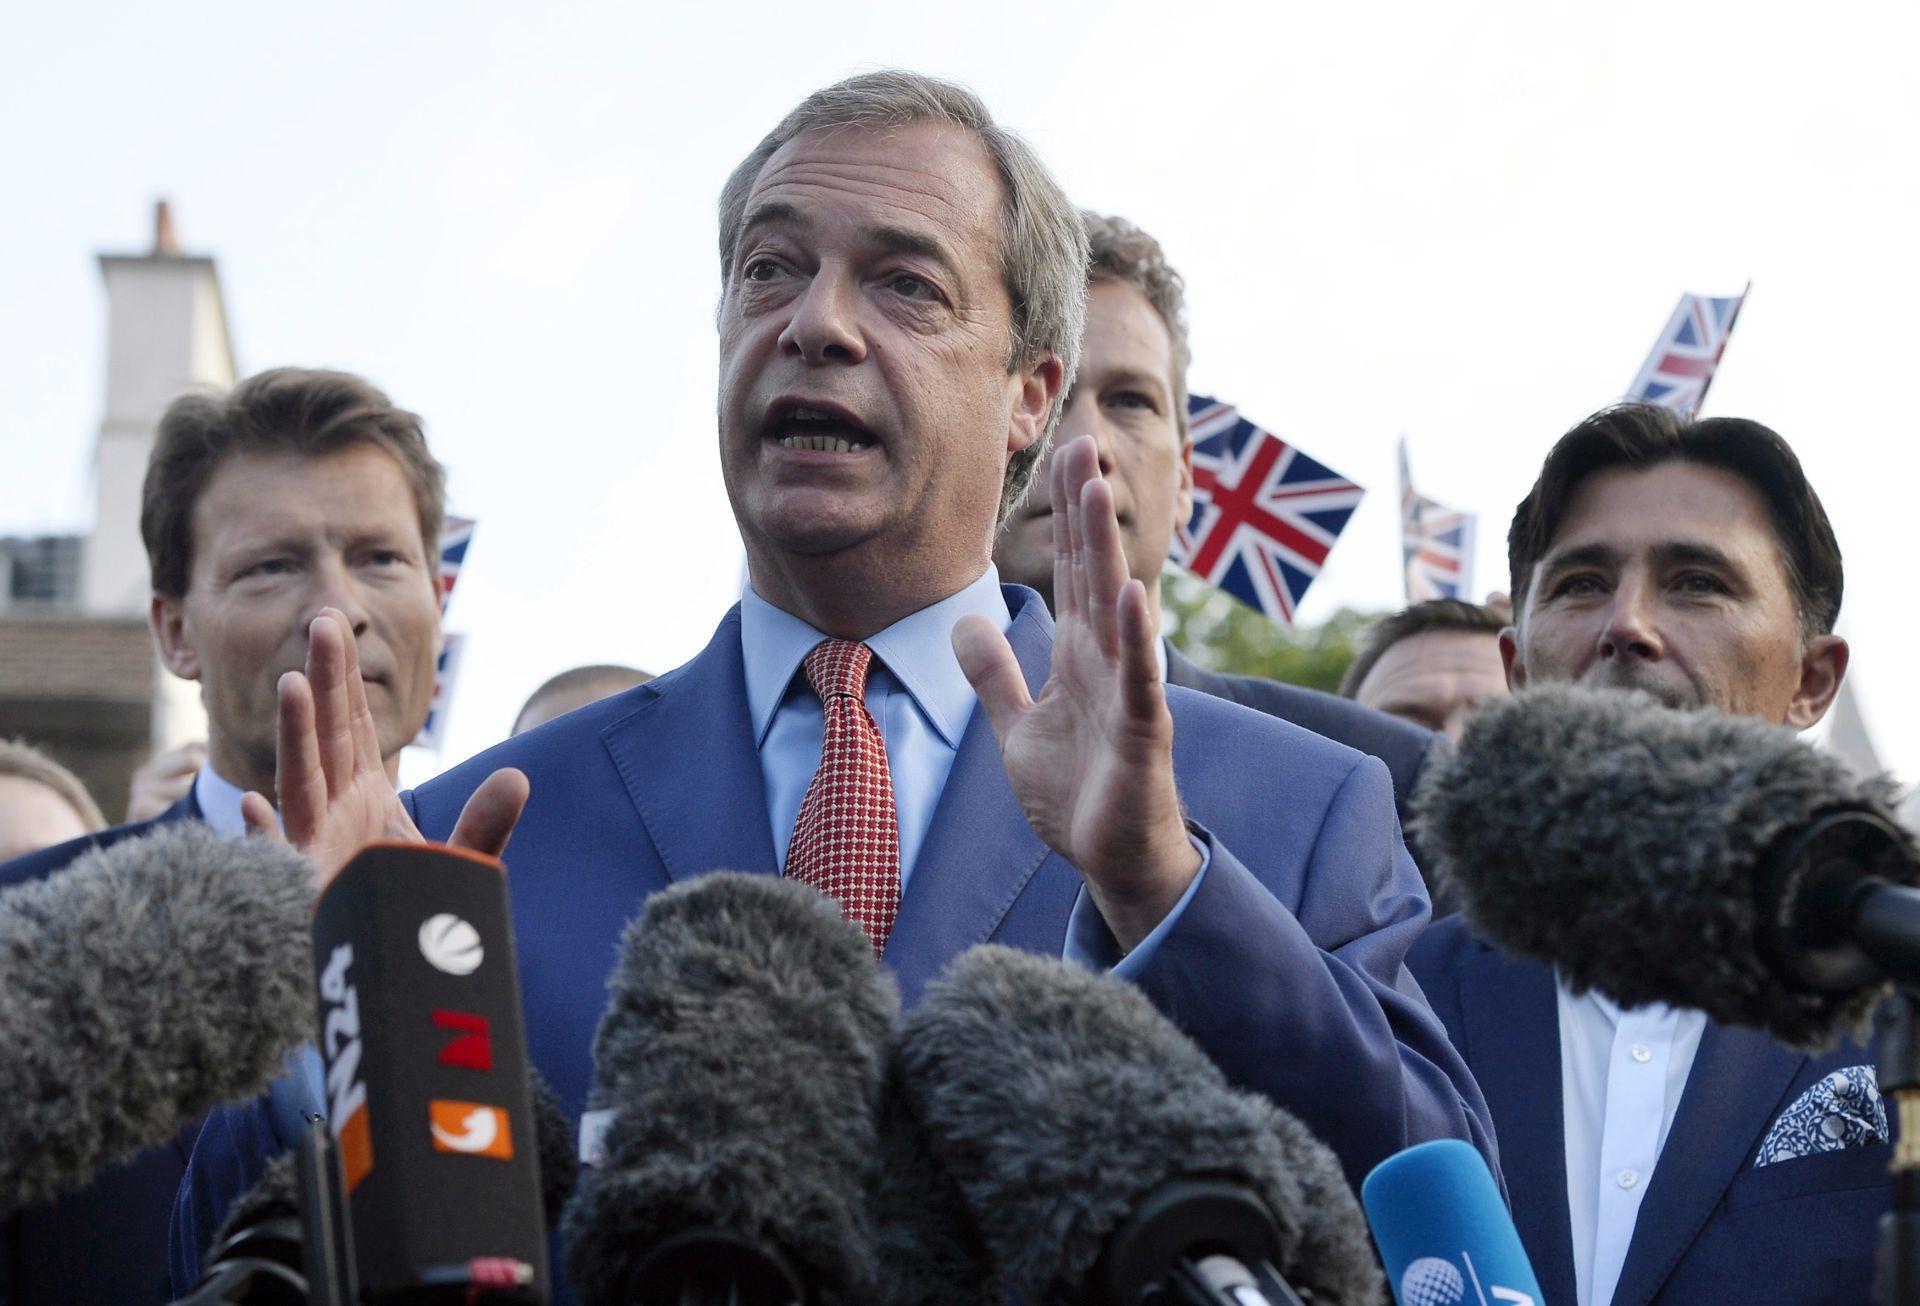 Zagovornici Brexita bi još jedan referendum o Brexitu